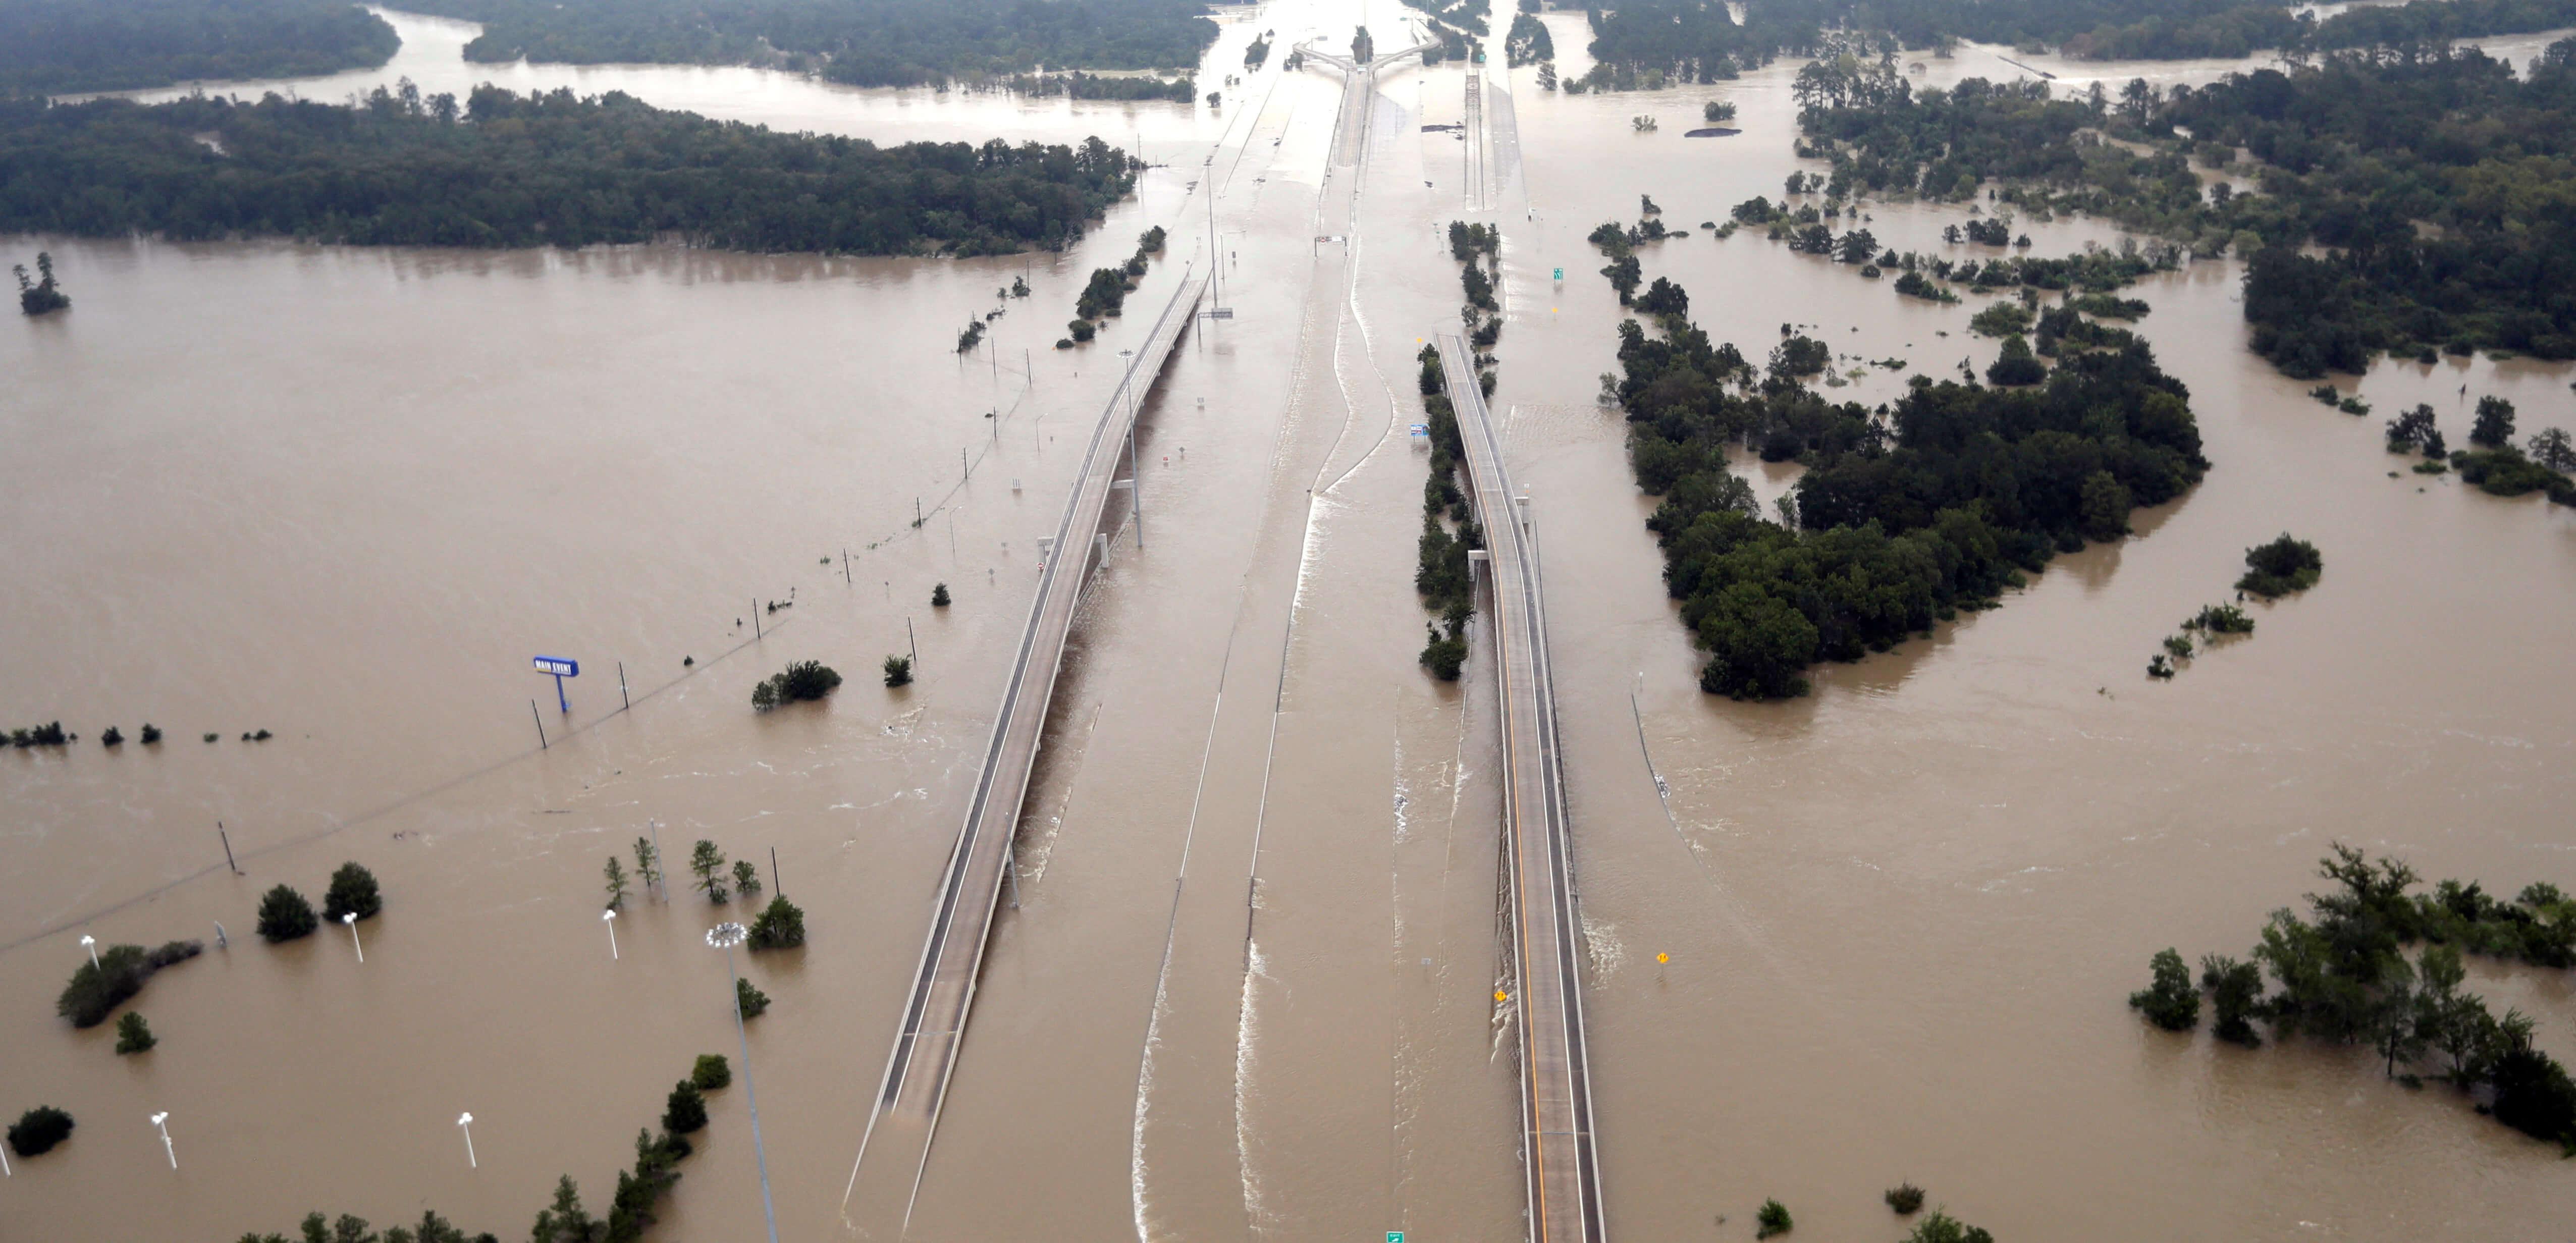 Inundación de una carretera en Humble, Texas, tras el paso de Harvey